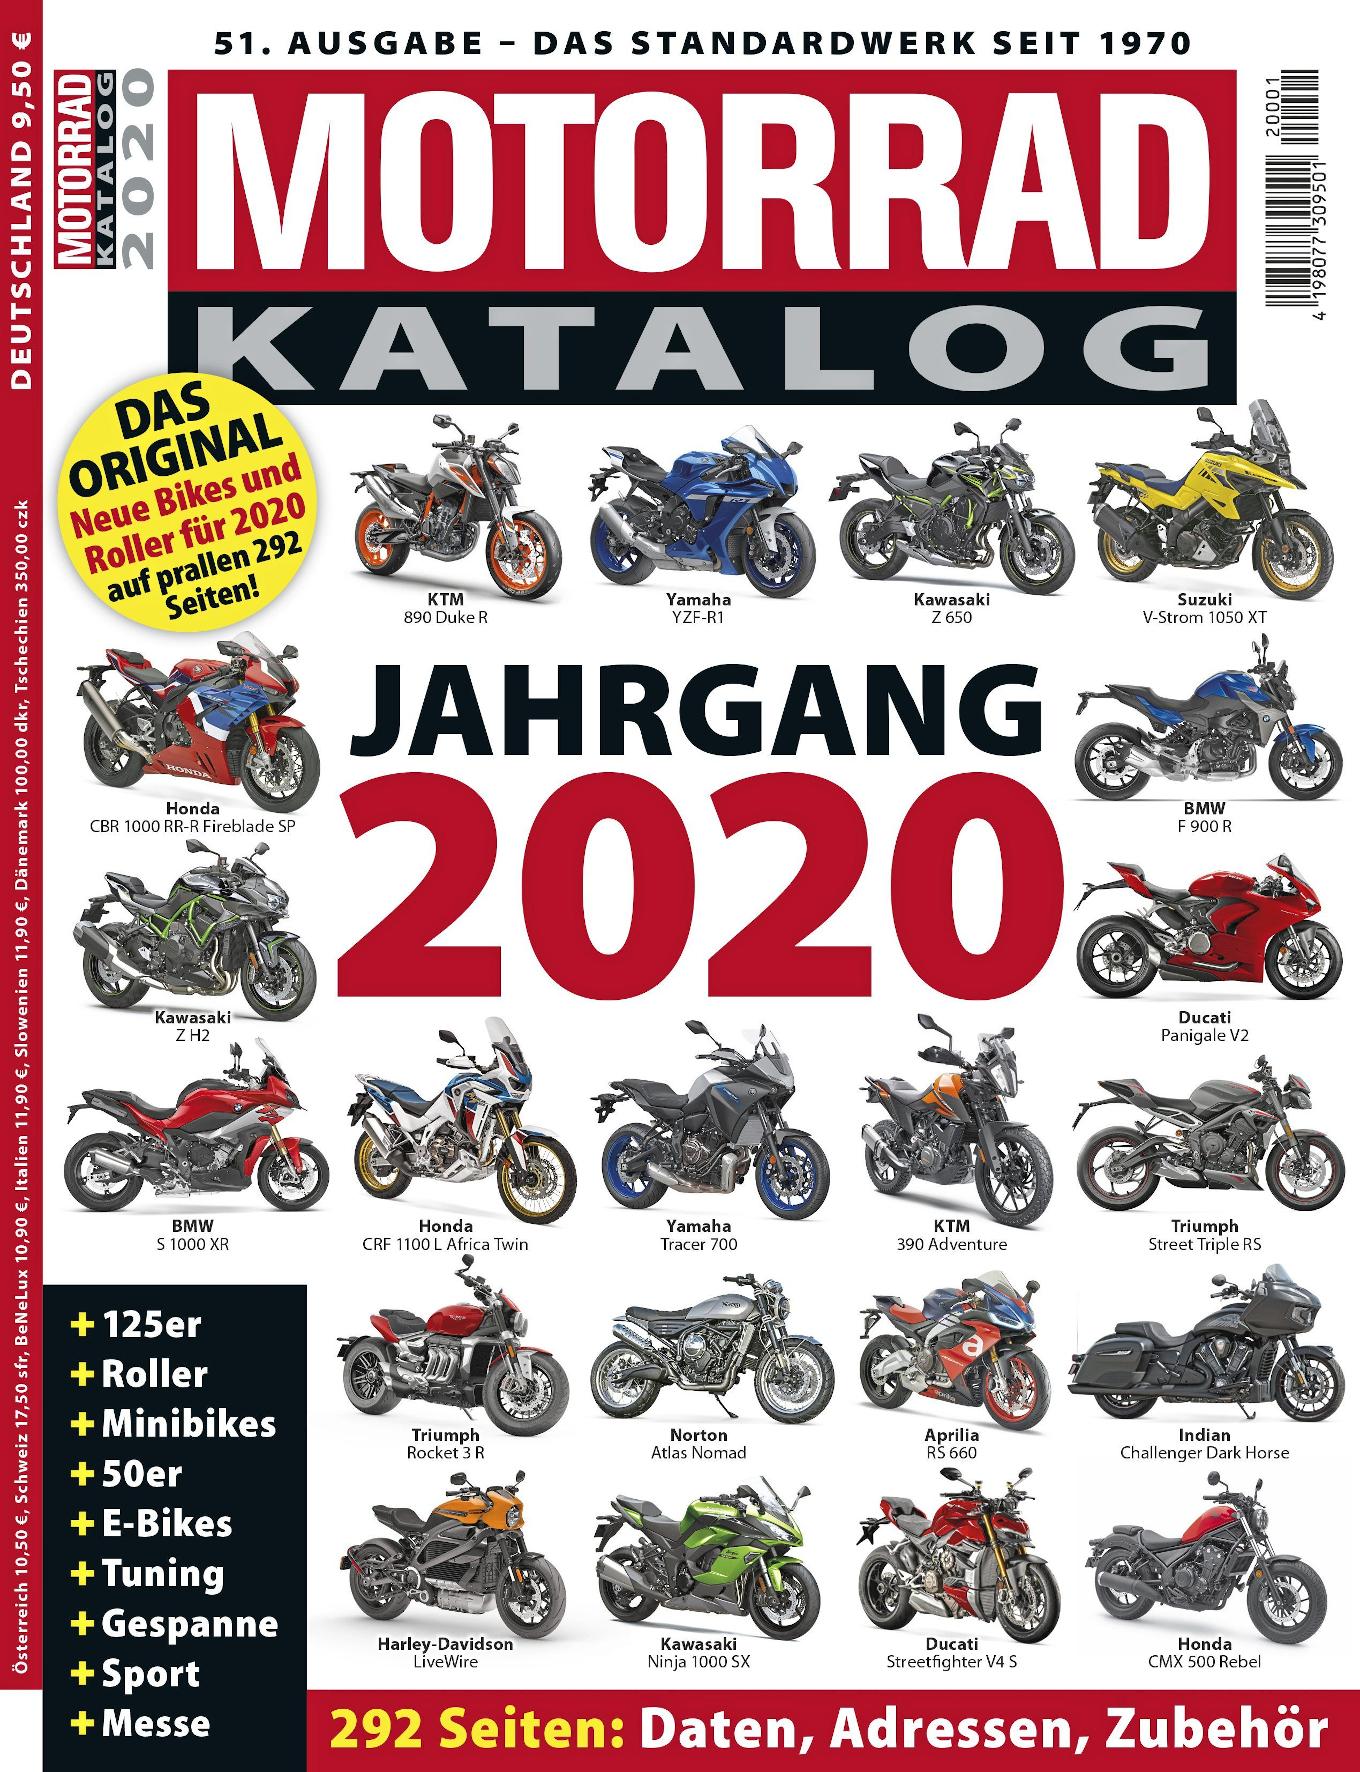 mid Groß-Gerau - Der Motorrad Katalog 2020 listet auf 292 Seiten alles auf, was für Biker und Rollerfahrer interessant ist. Motor Presse Stuttgart